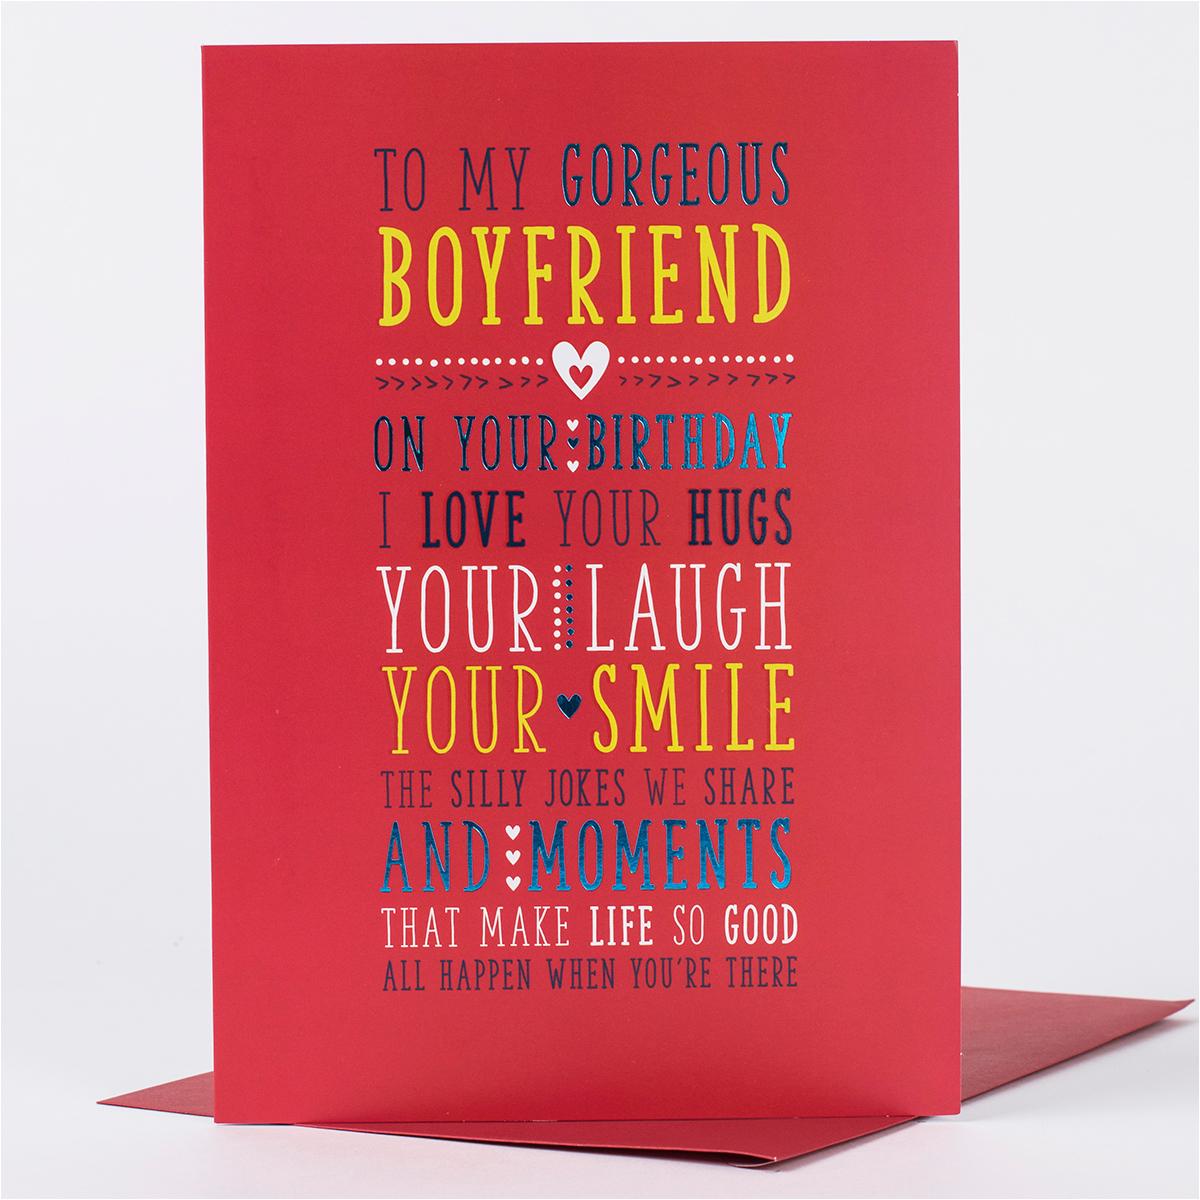 Birthday Cards for A Boyfriend Birthday Card for My Boyfriend Only 89p